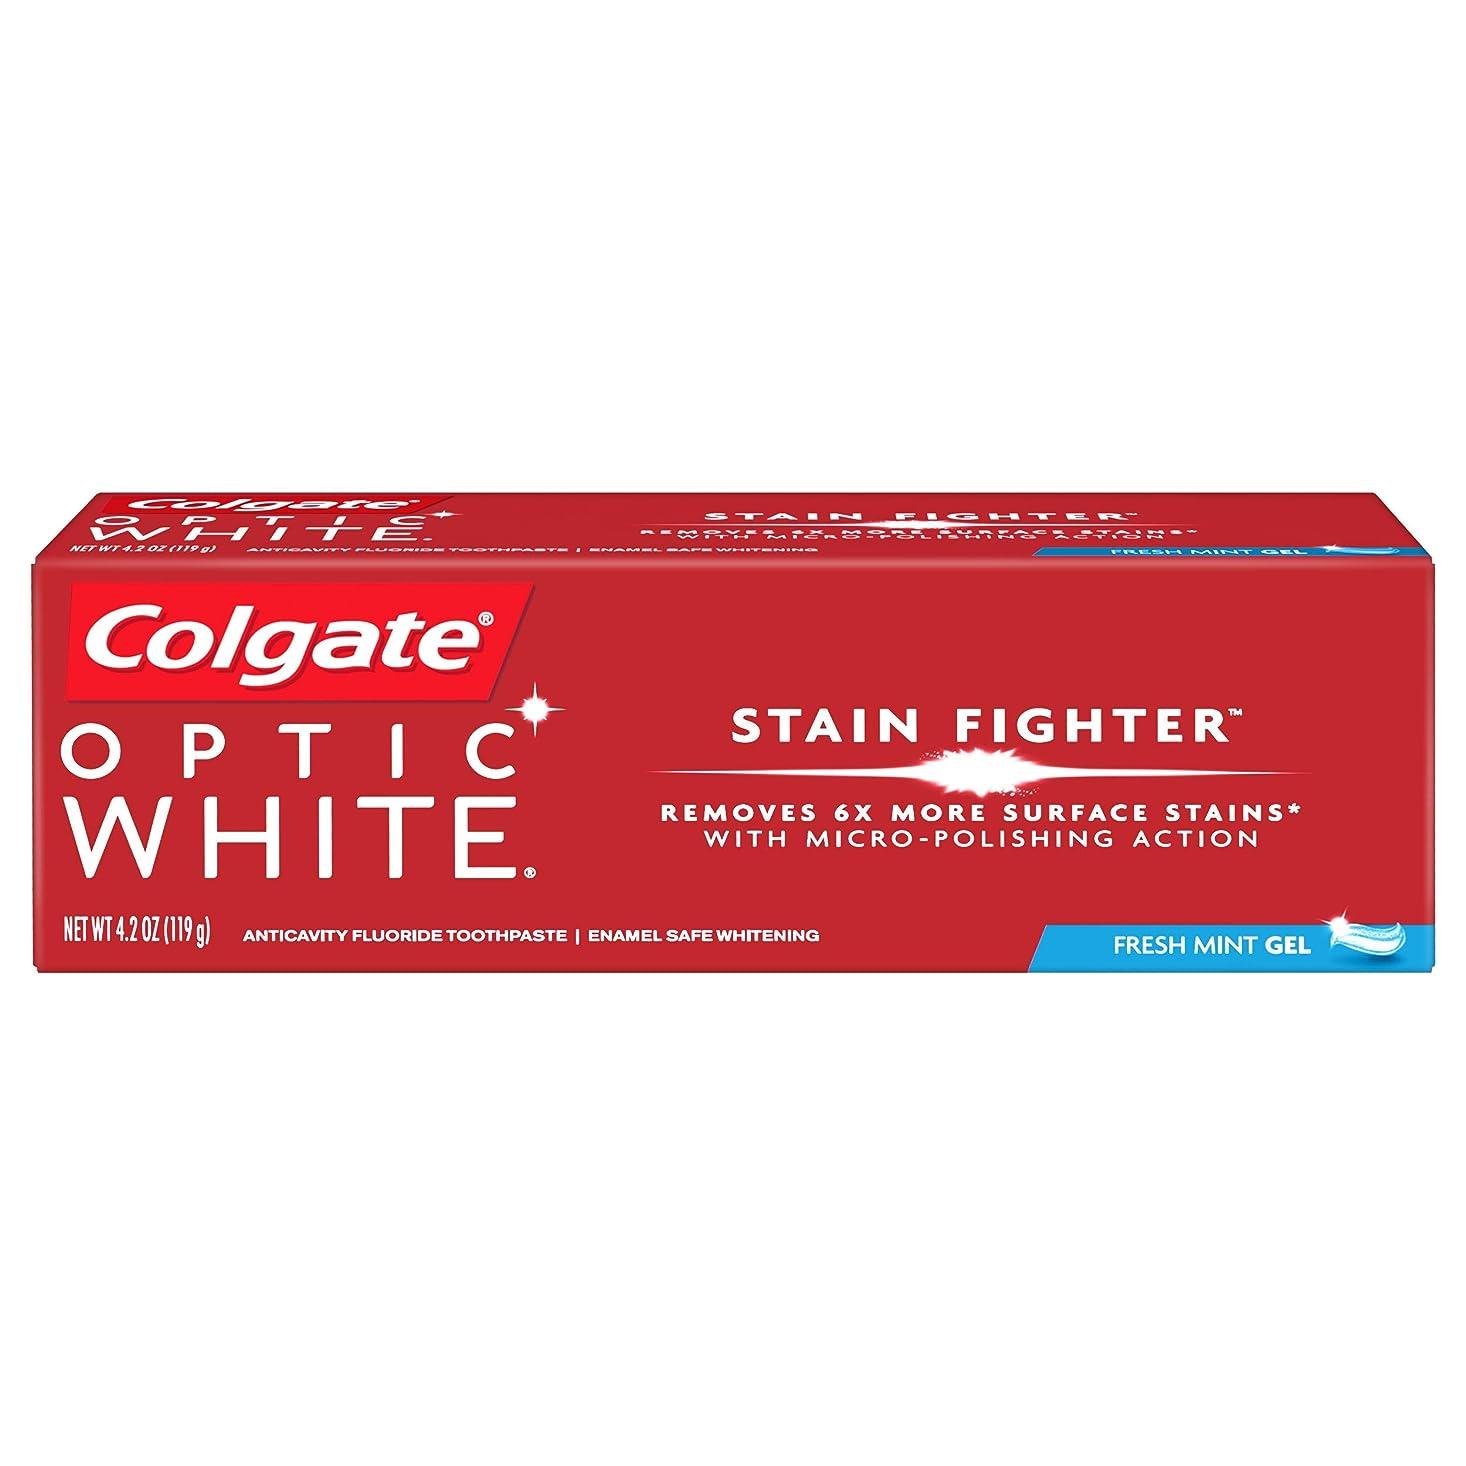 アラスカ騒々しい回転させるコルゲート ホワイトニング Colgate 119g Optic White STAIN FIGHTER 白い歯 歯磨き粉 ミント (Fresh Mint)